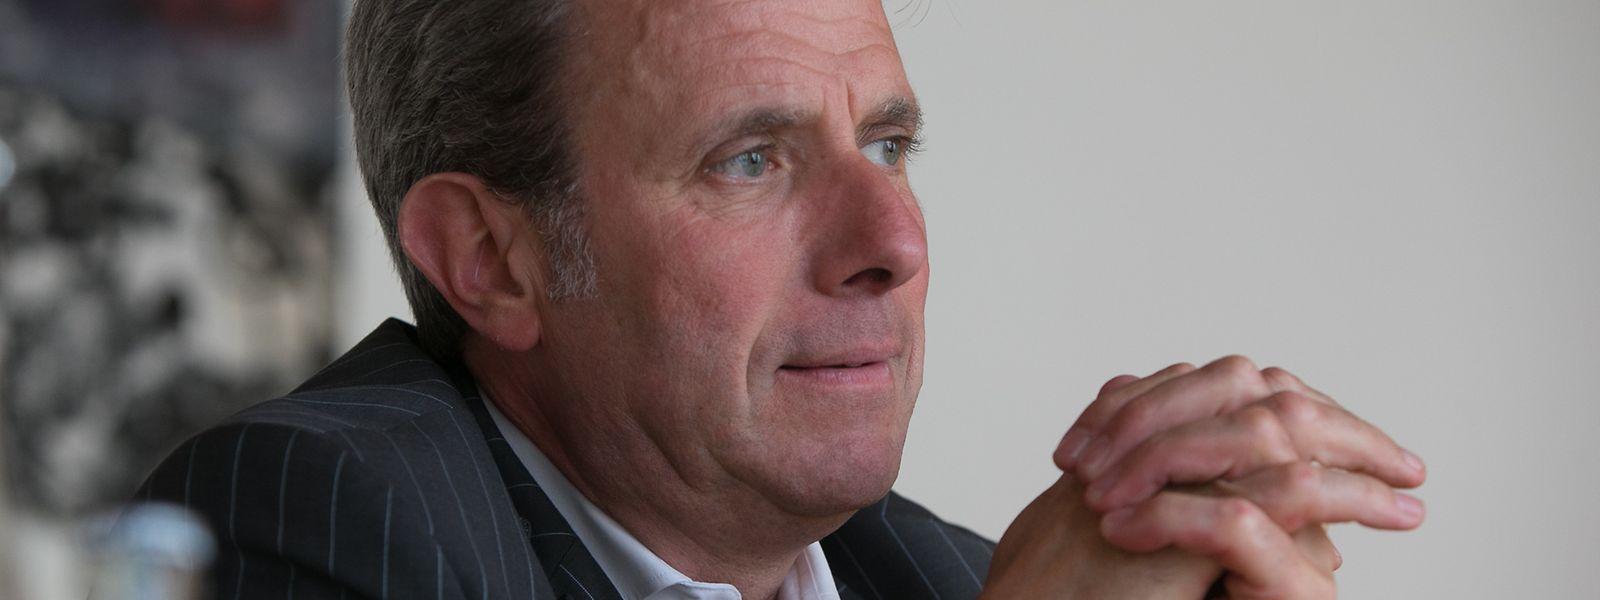 Felix Eischen wurde nach den Gemeindewahlen von 2017 Bürgermeister in Kehlen.